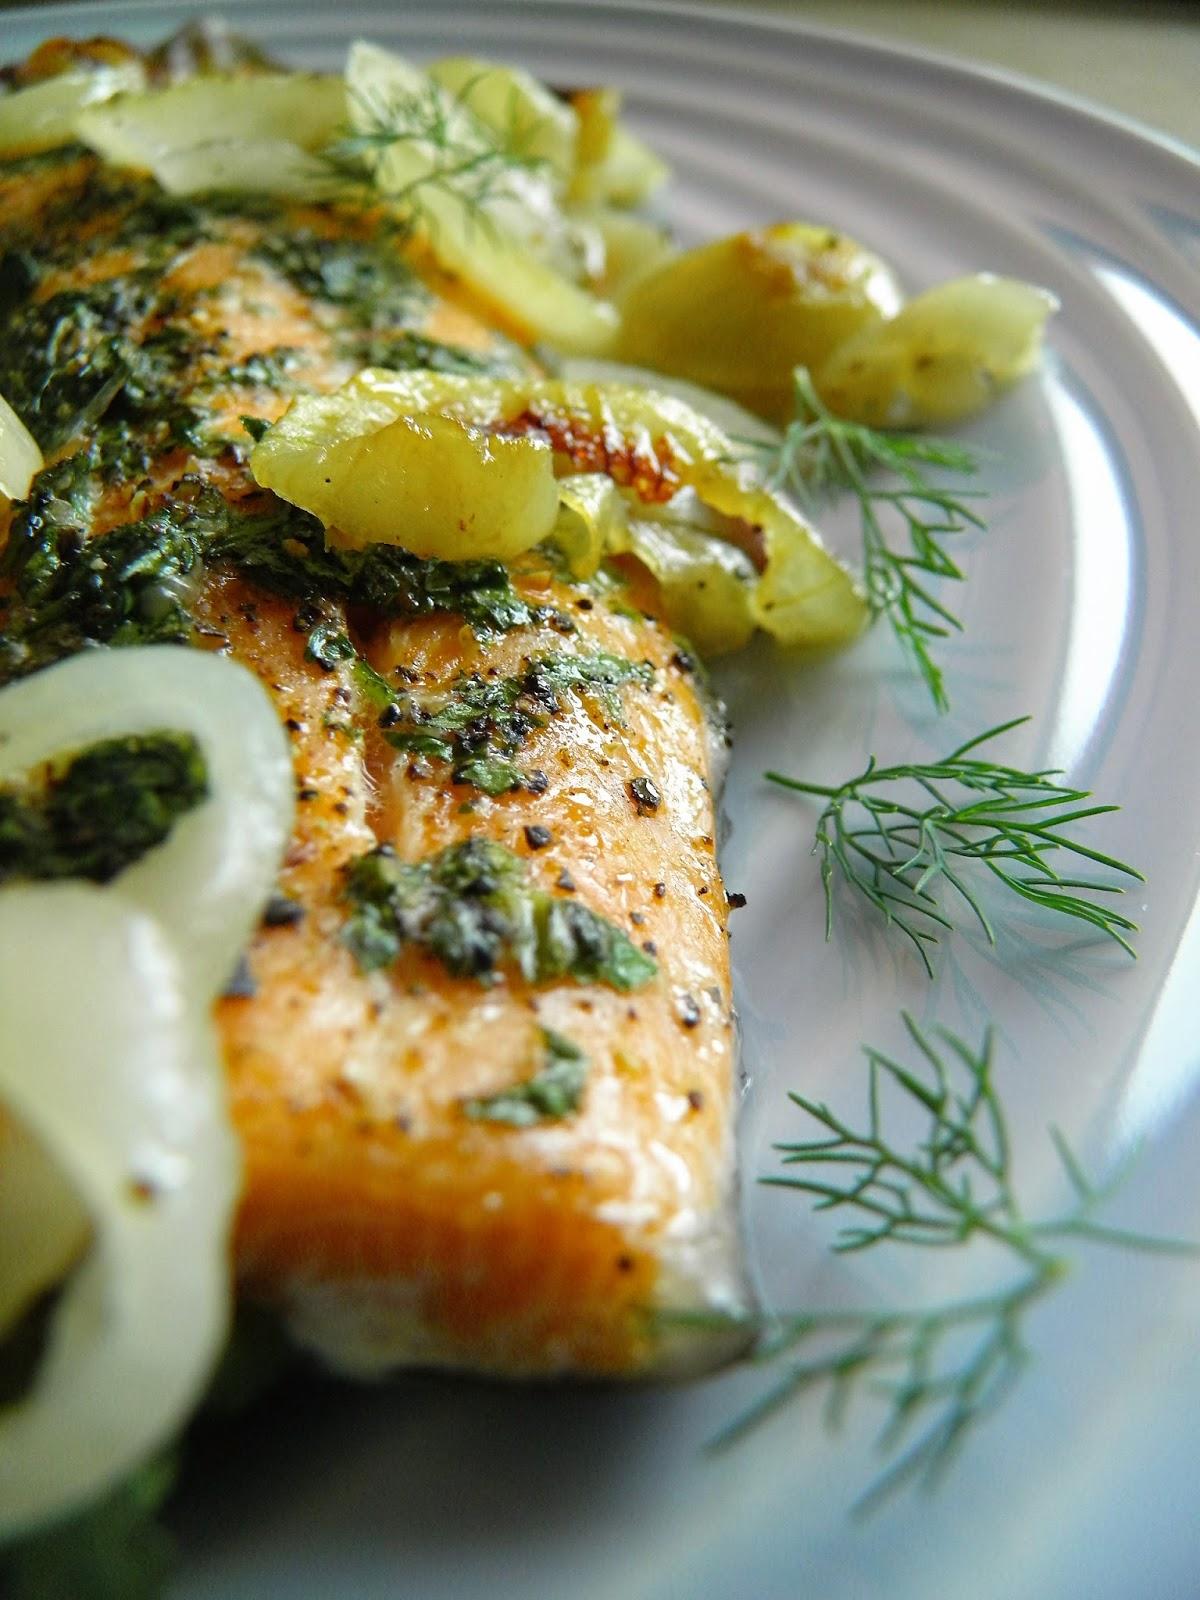 Ryba Z Piekarnika 8 Sposobów Na Pyszny Obiad Sio Smutki Monika